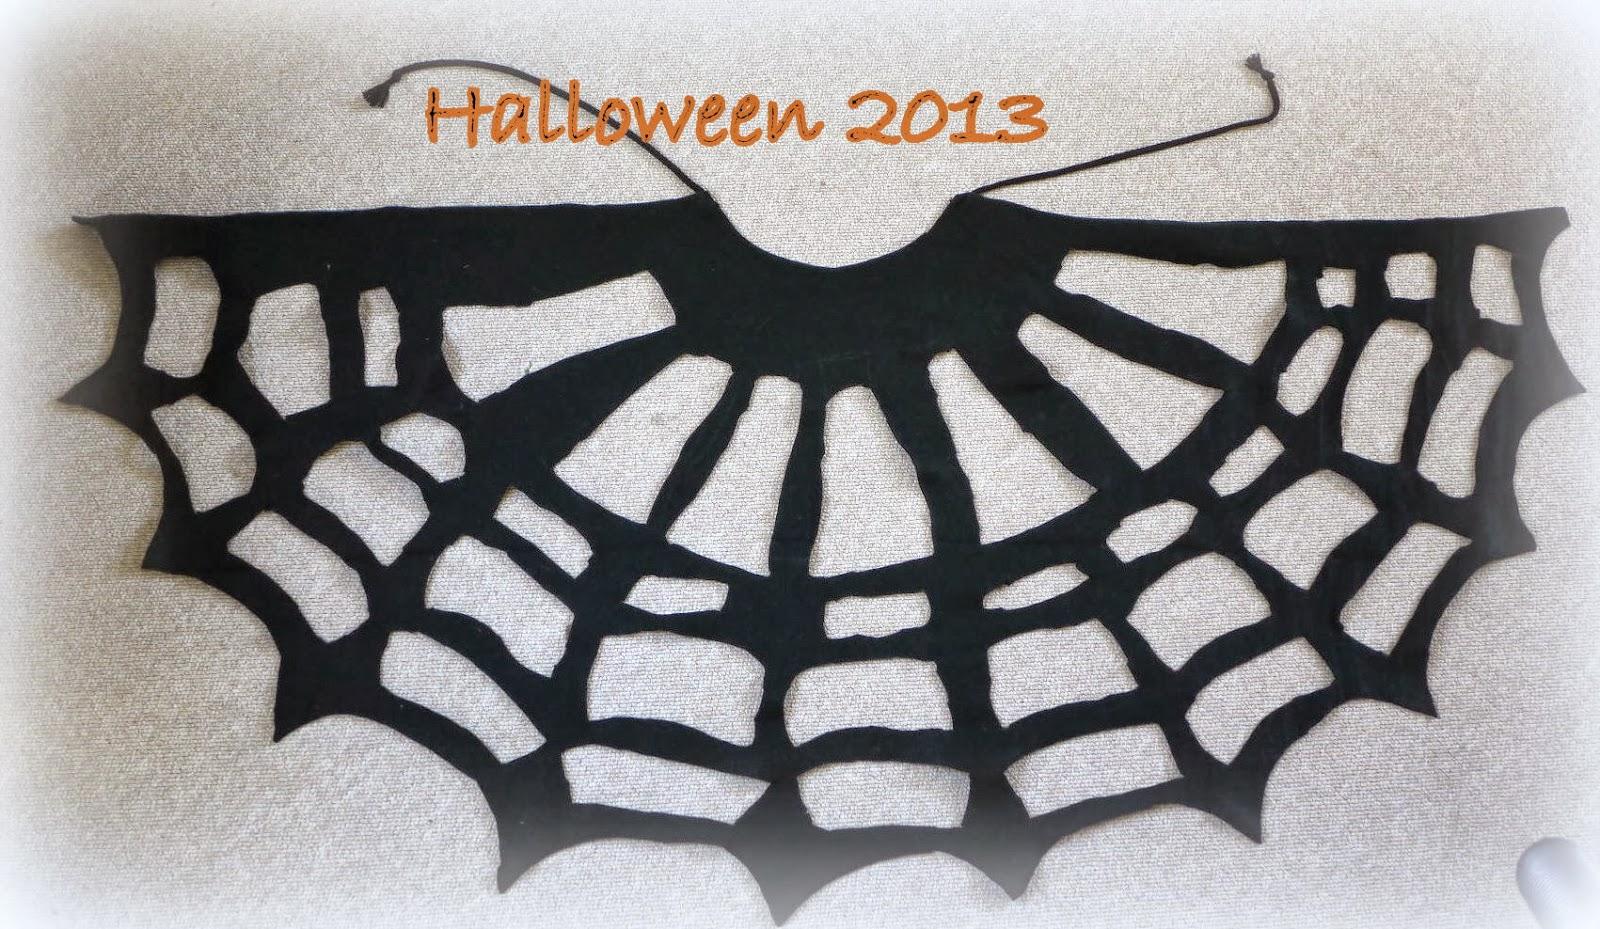 #A25B29 Bedst Brombleberries: 6 Nemme Forslag Til Halloween Udklædning Du Selv Kan Lave Gør Det Selv Kostumer 5623 16009295623